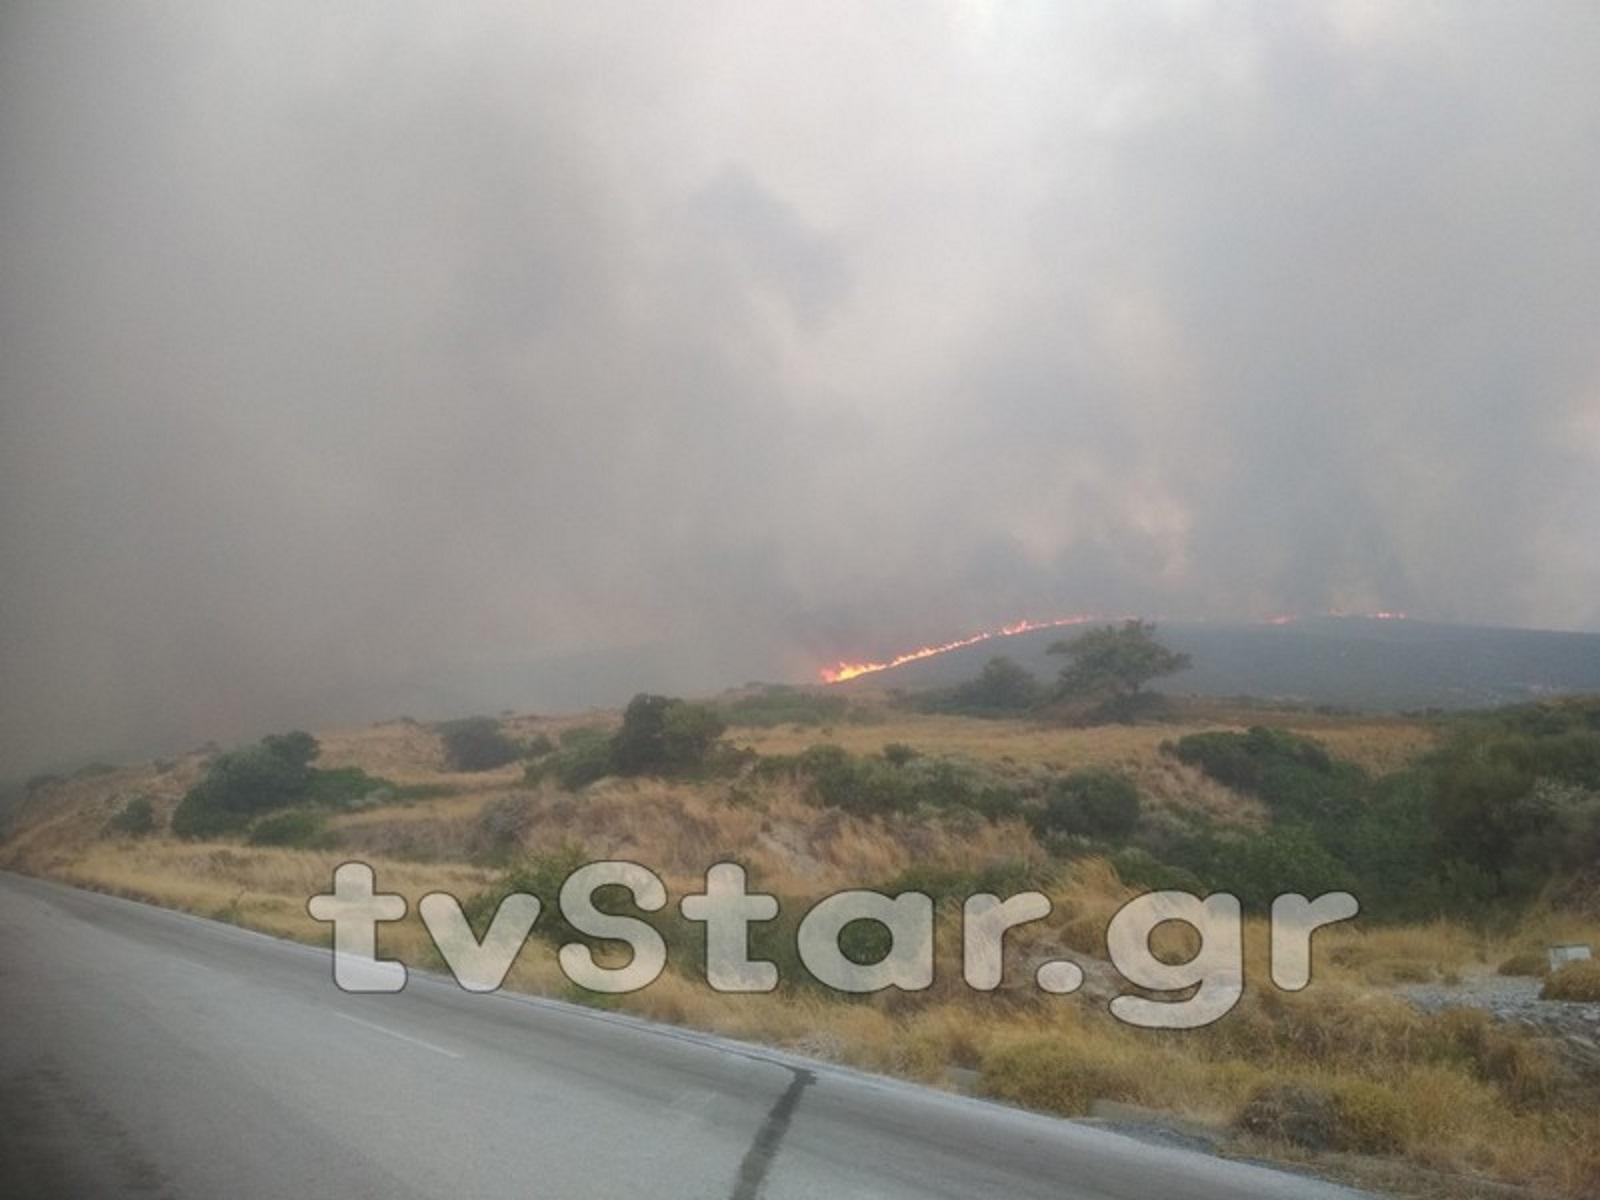 Με πολλές εστίες και δυνατό αέρα πάλευαν οι πυροσβέστες στην Κάρυστο